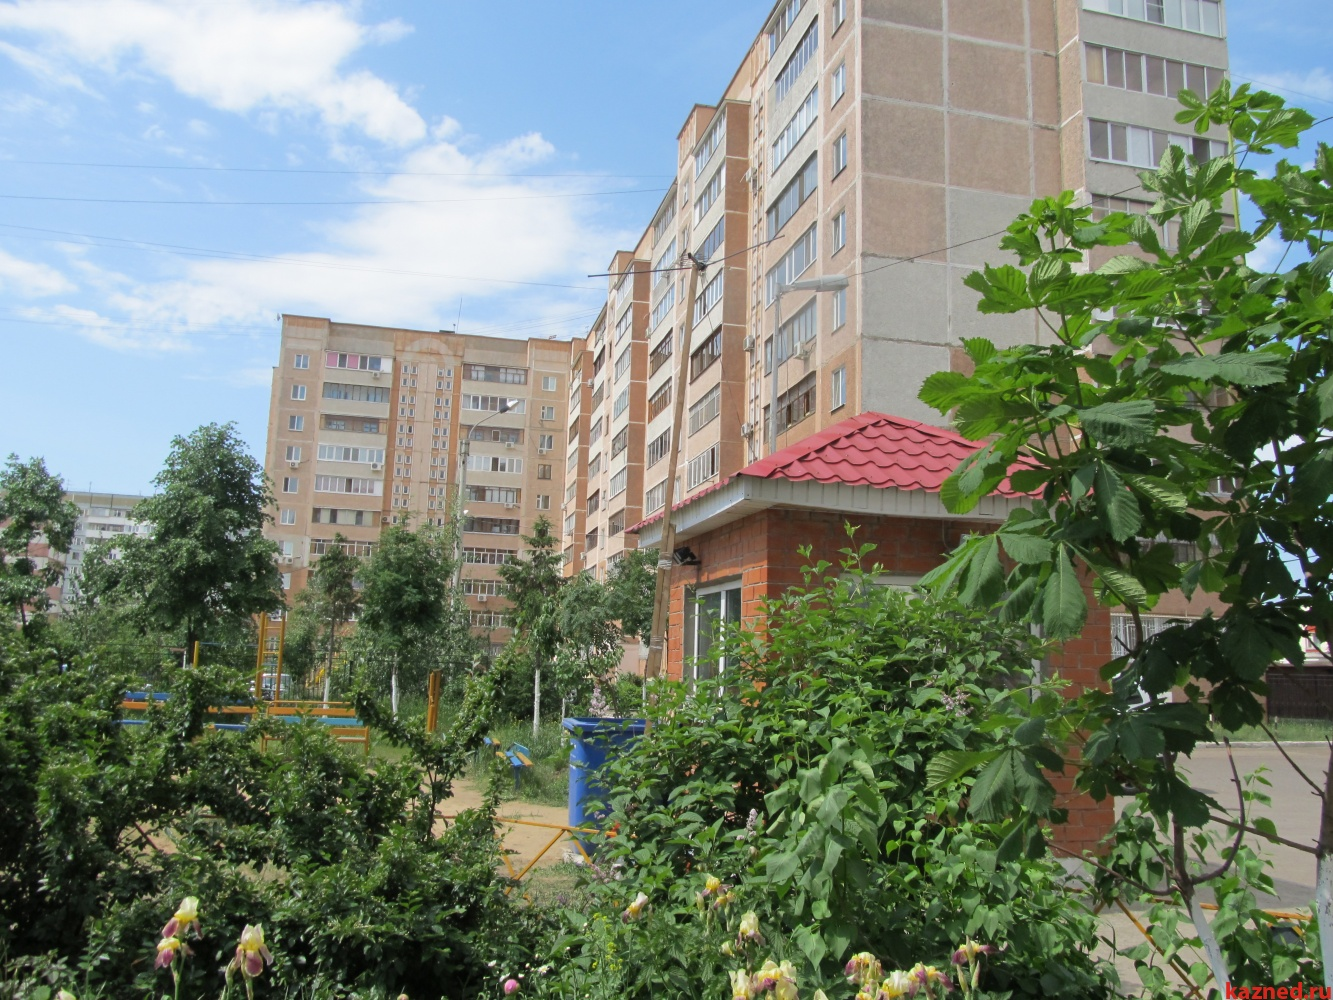 Продажа 3-к квартиры Амирхана, 5, 93 м² (миниатюра №17)